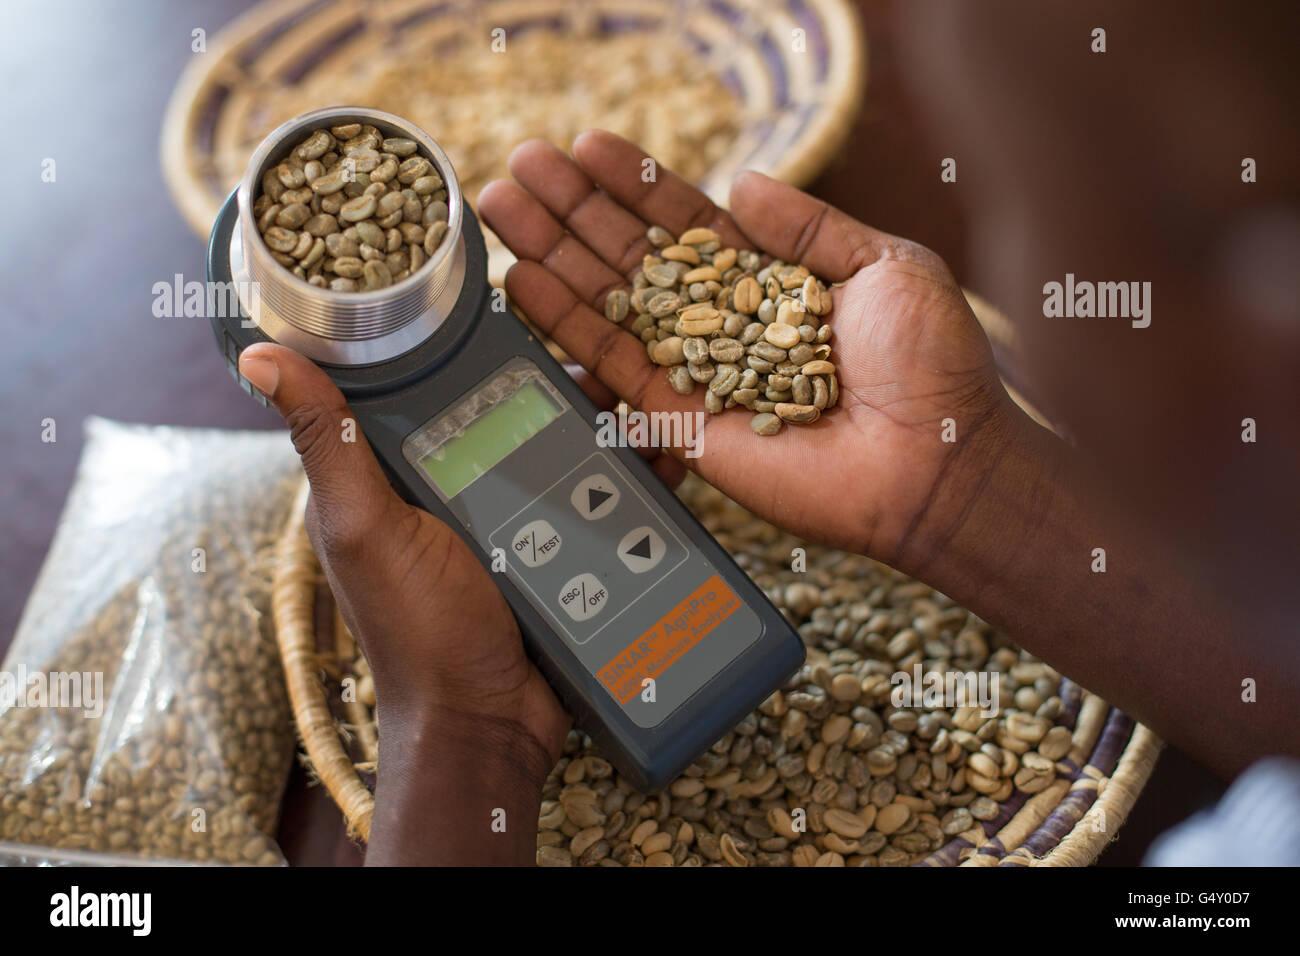 Un campione di caffè viene misurata con un contenuto di umidità misuratore a un produttore di caffè Immagini Stock